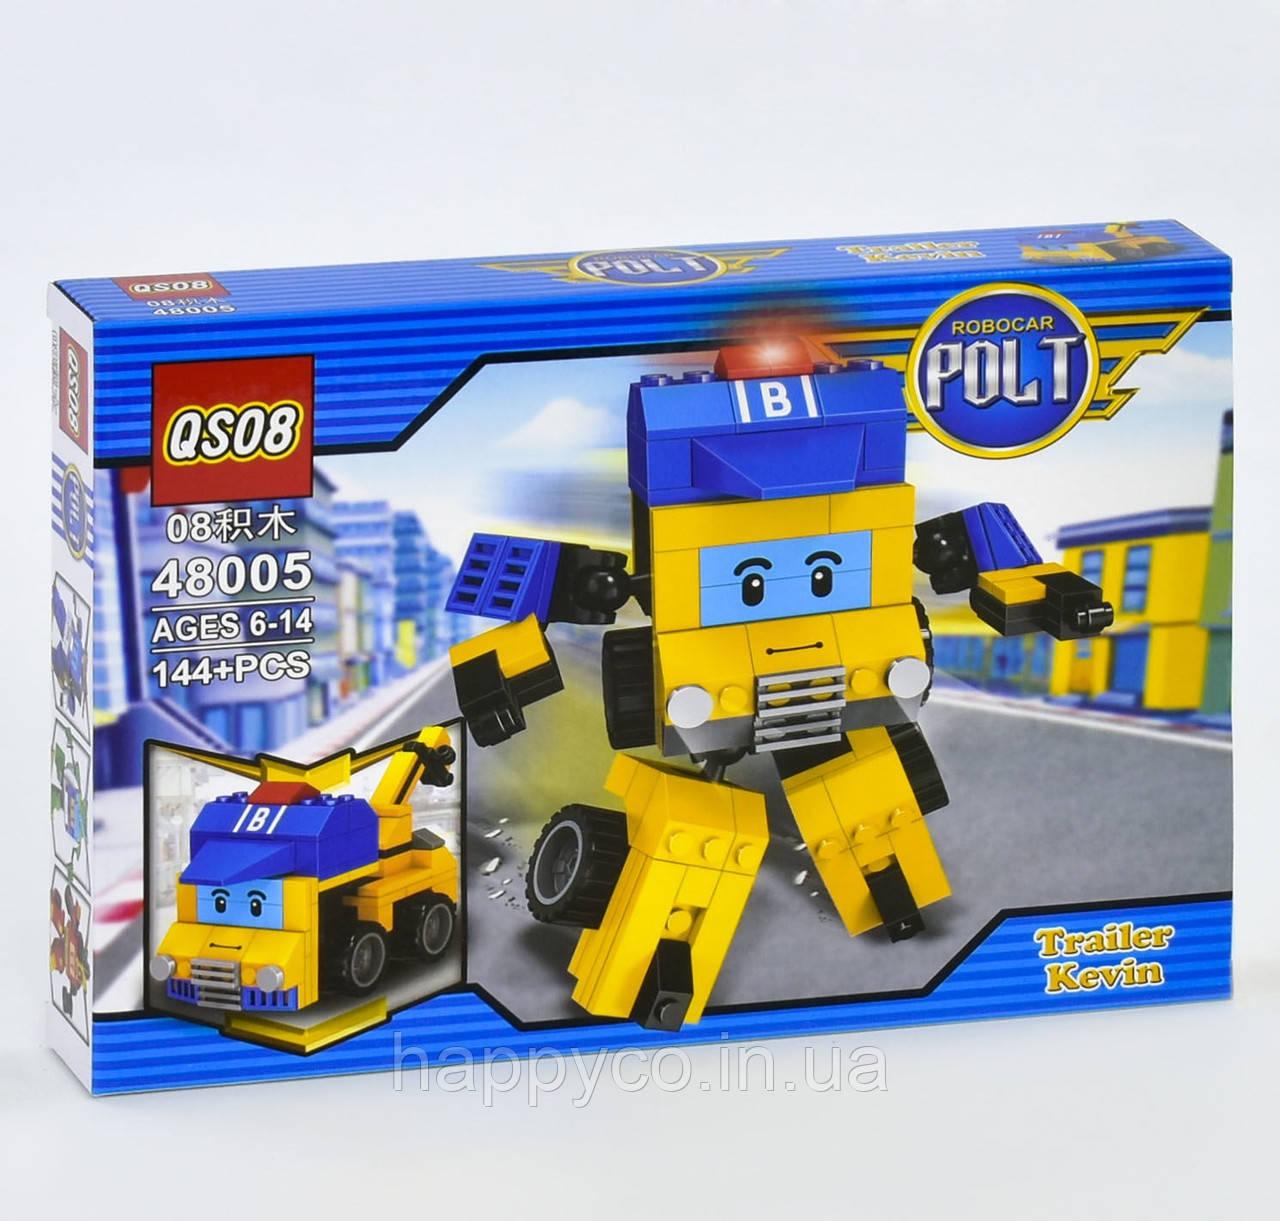 Конструктор 2в1 Робокар поли 144 дет, в коробке